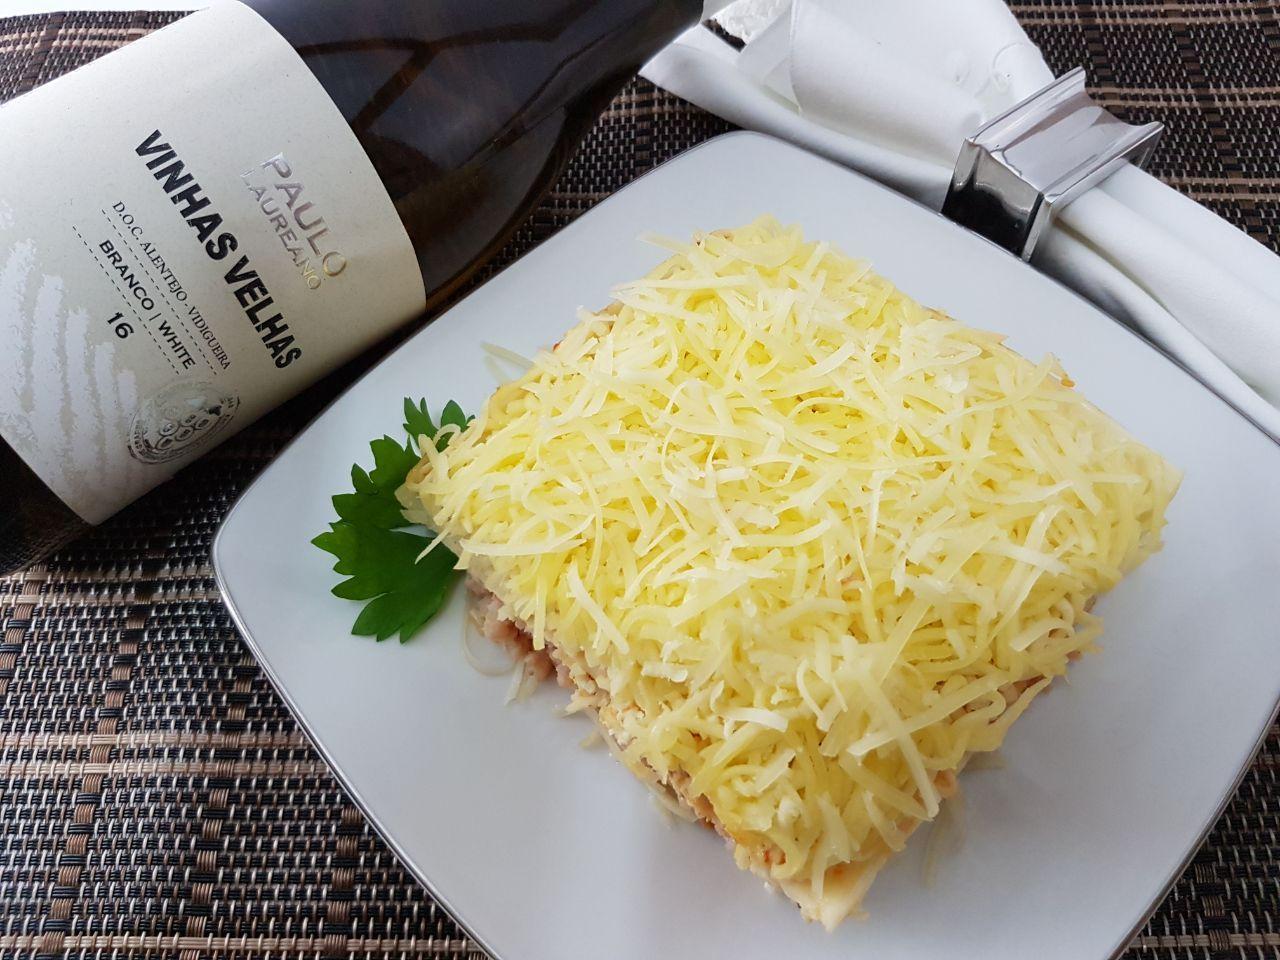 Kit Lasanha de presunto e queijo Nova Benta 600g + Vinho Vinhas Velhas Paulo Laureano 750ml